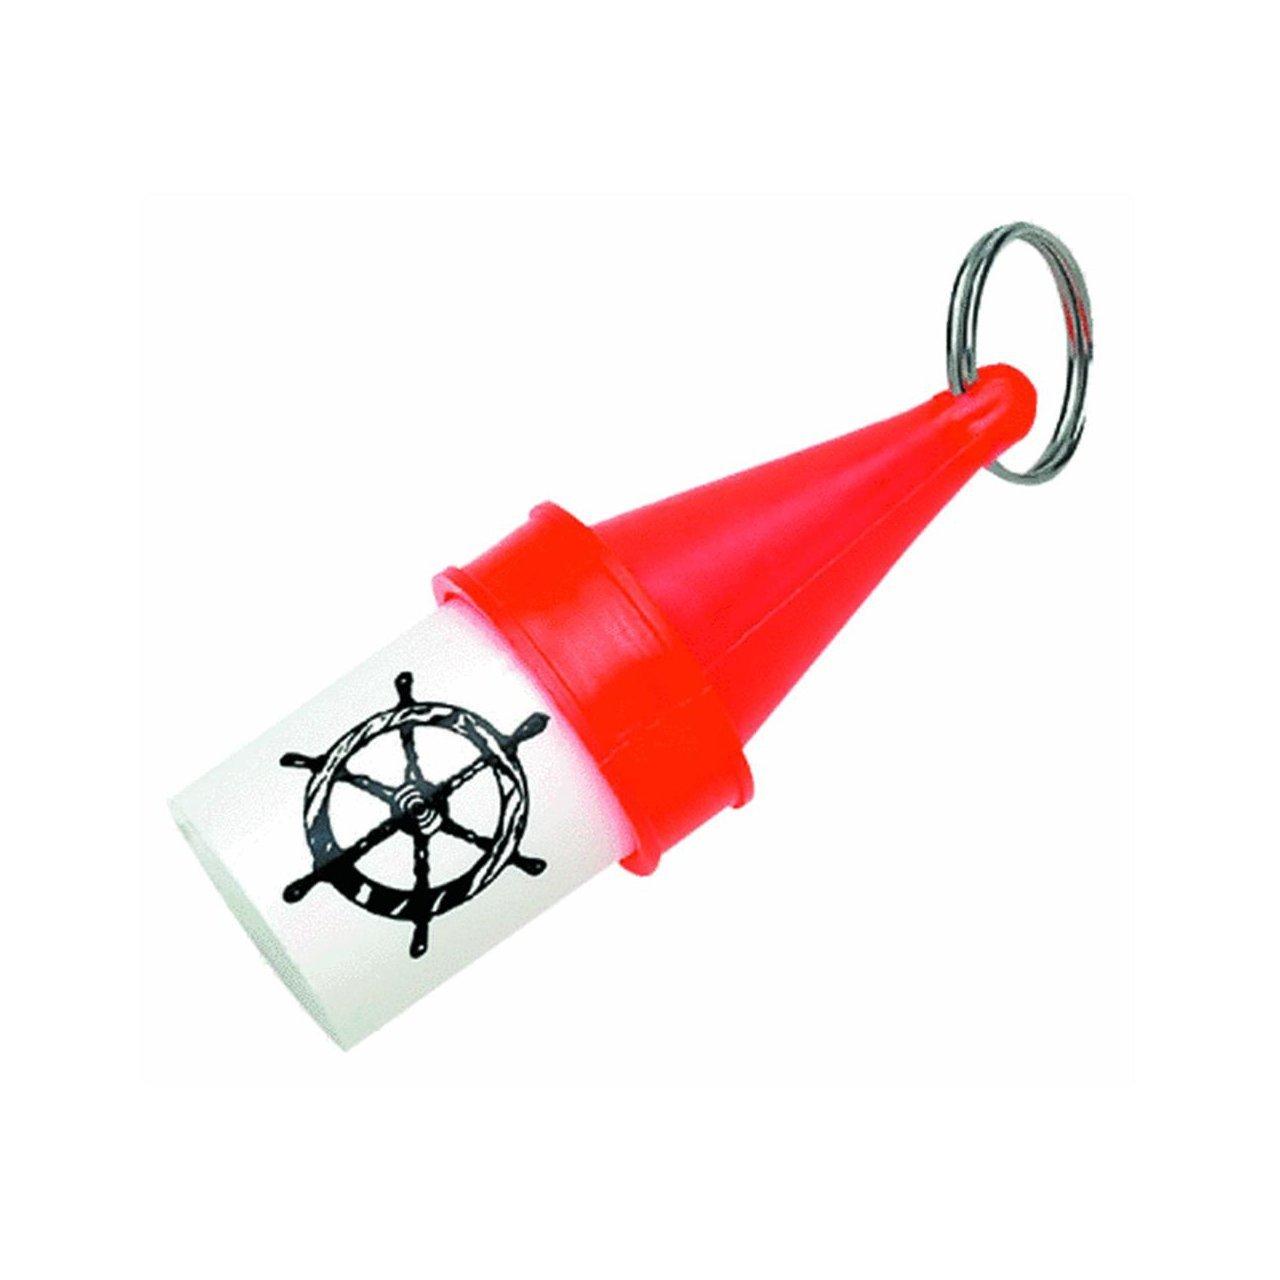 Seachoice 50–78081Porte-clés flottant Porta Objets, rouge